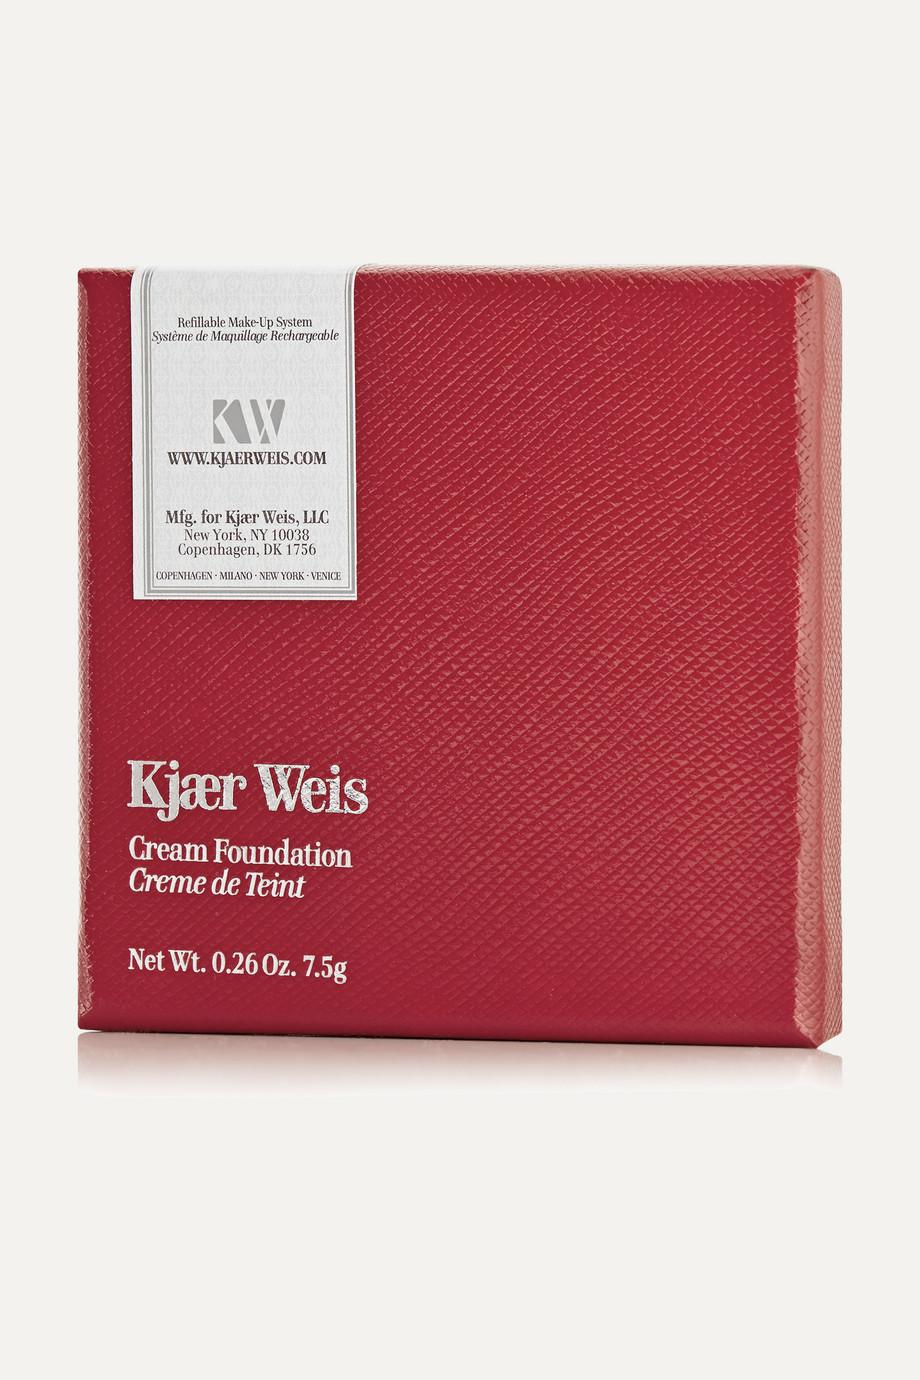 Kjaer Weis 粉底霜(色号:Like Porcelain)